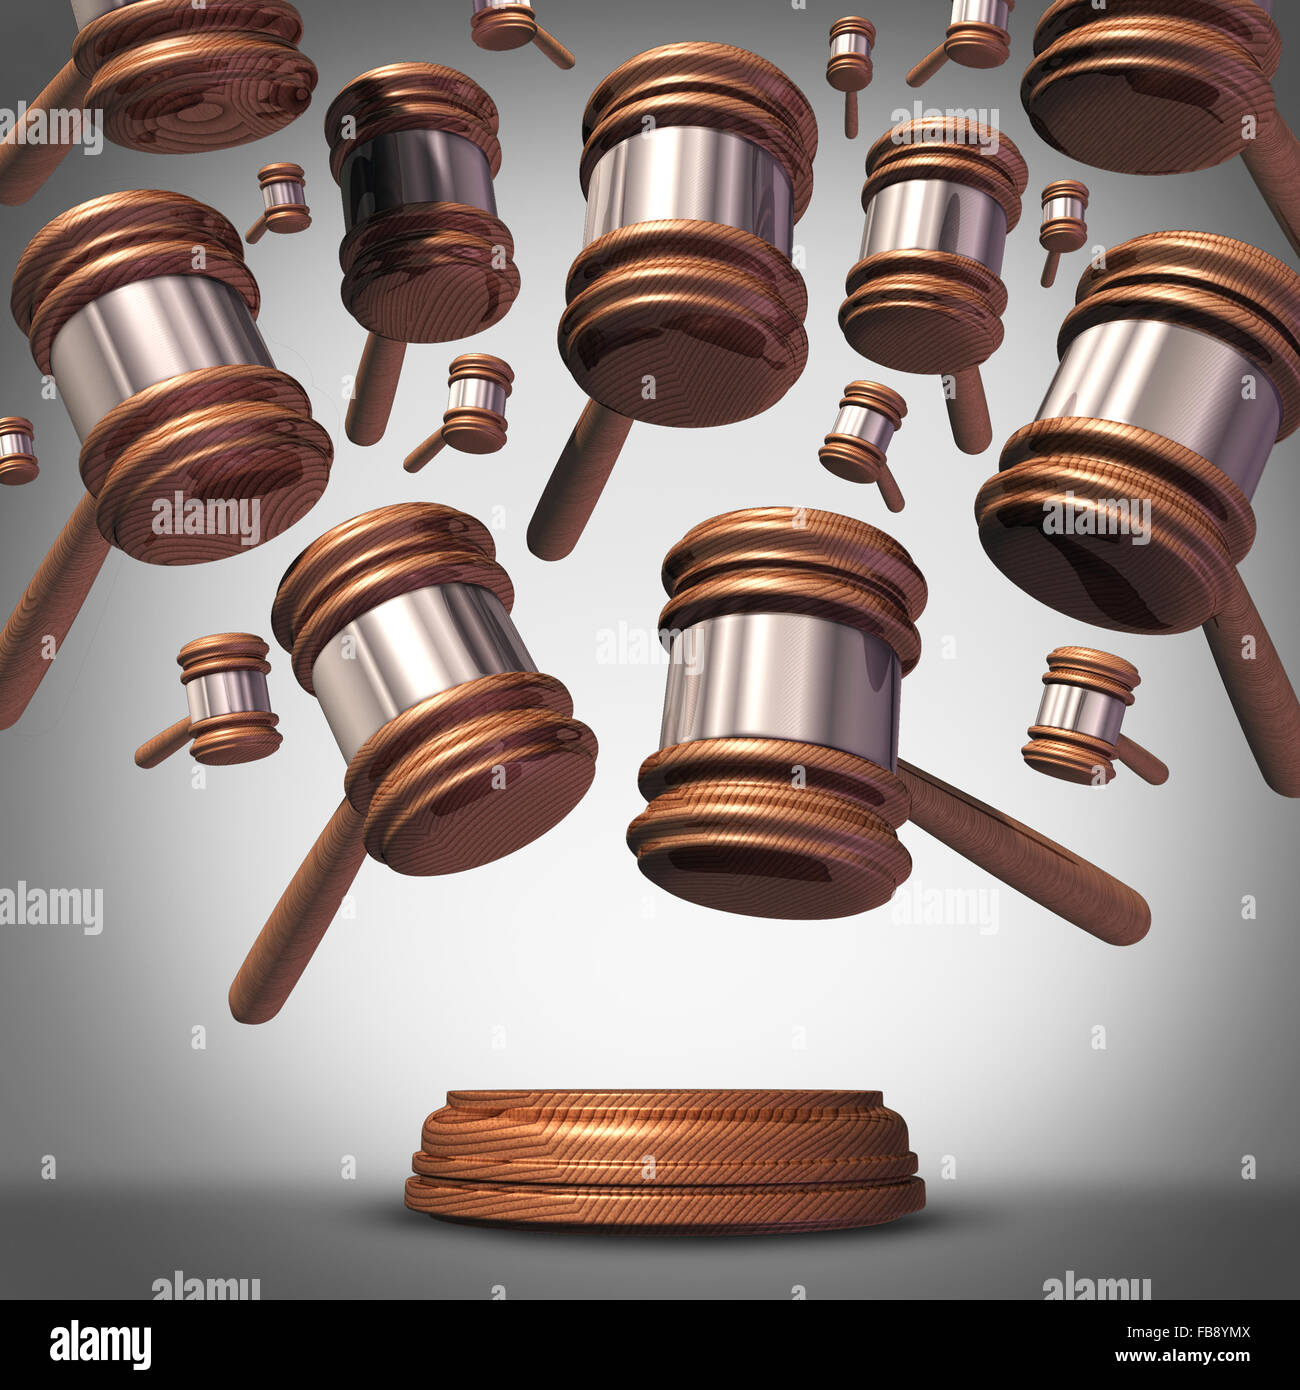 Sammelklage Klage Konzept als Kläger Gruppe vertreten durch viele Richter Schlägel oder Hammer Symbole Stockbild